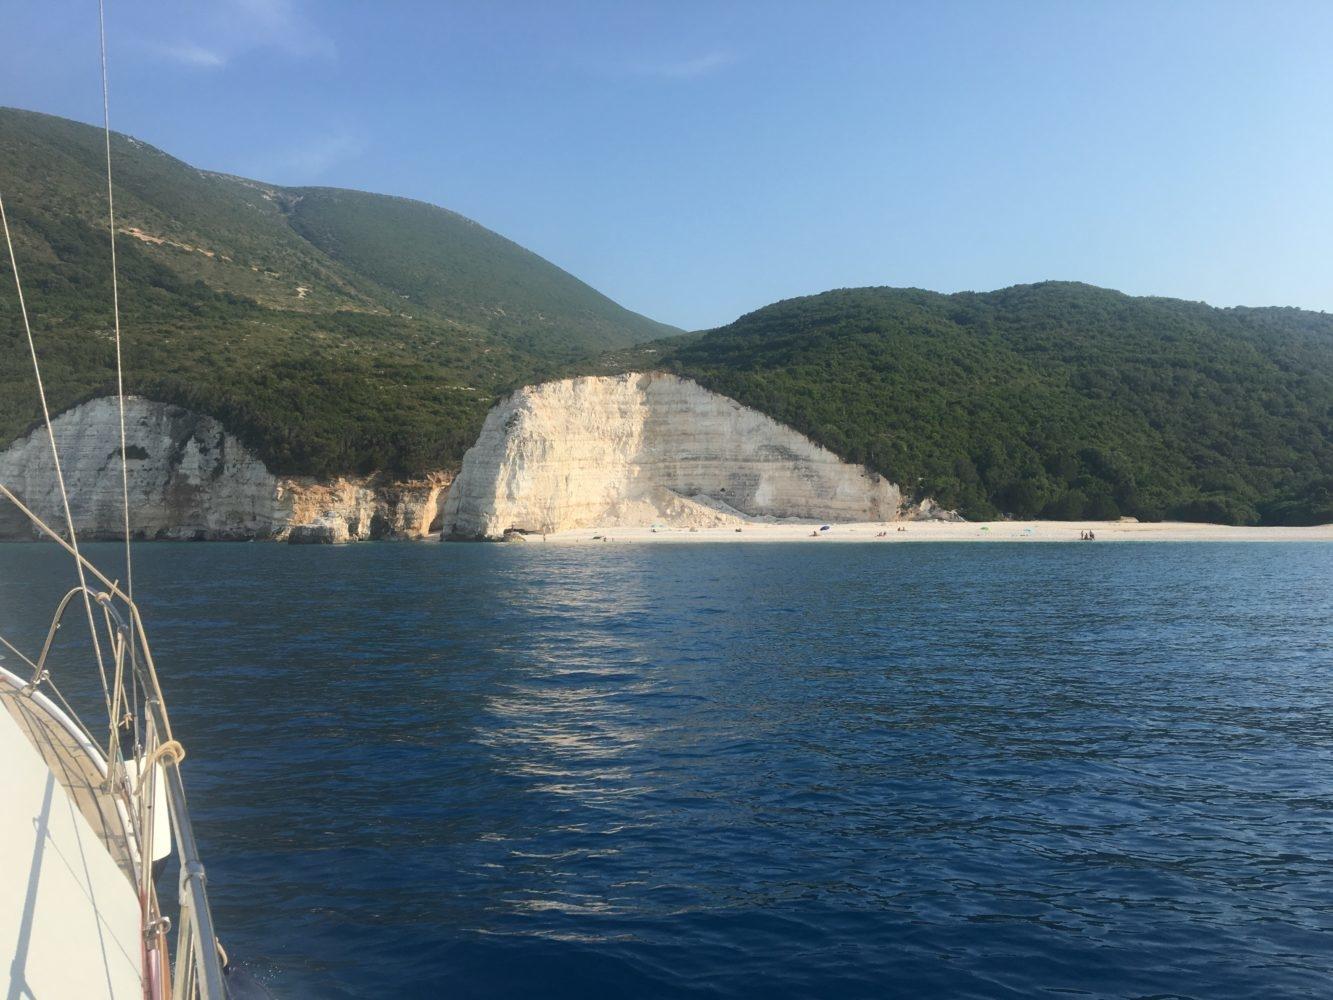 louer un bateau croisiere grece